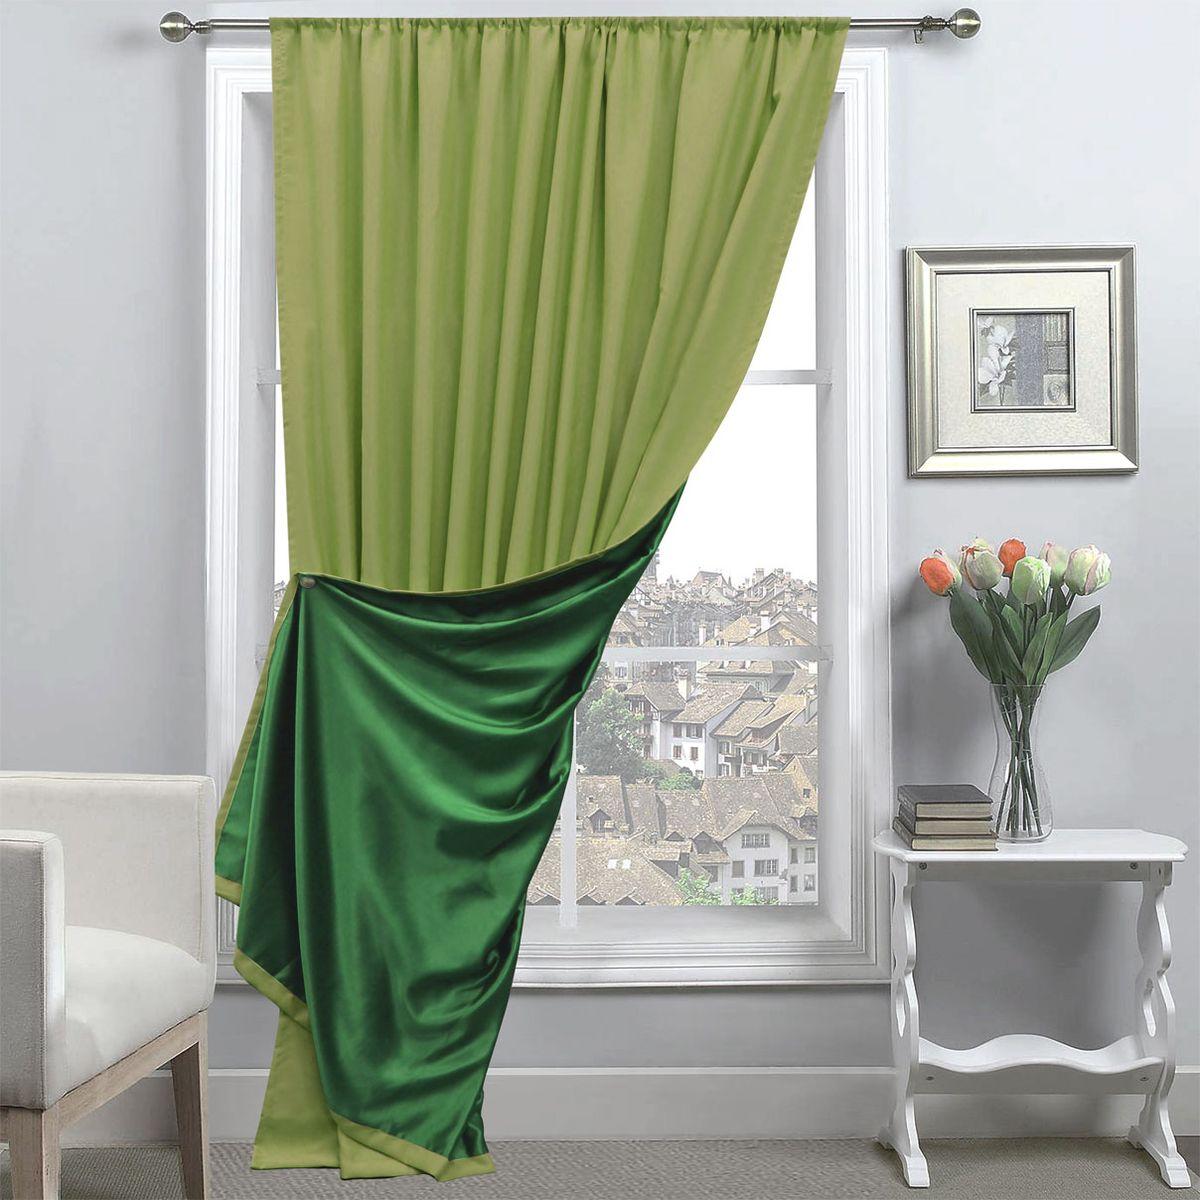 Портьера Amore Mio, 200 х 270 см, 1 шт., цвет: зеленый. 8517485174